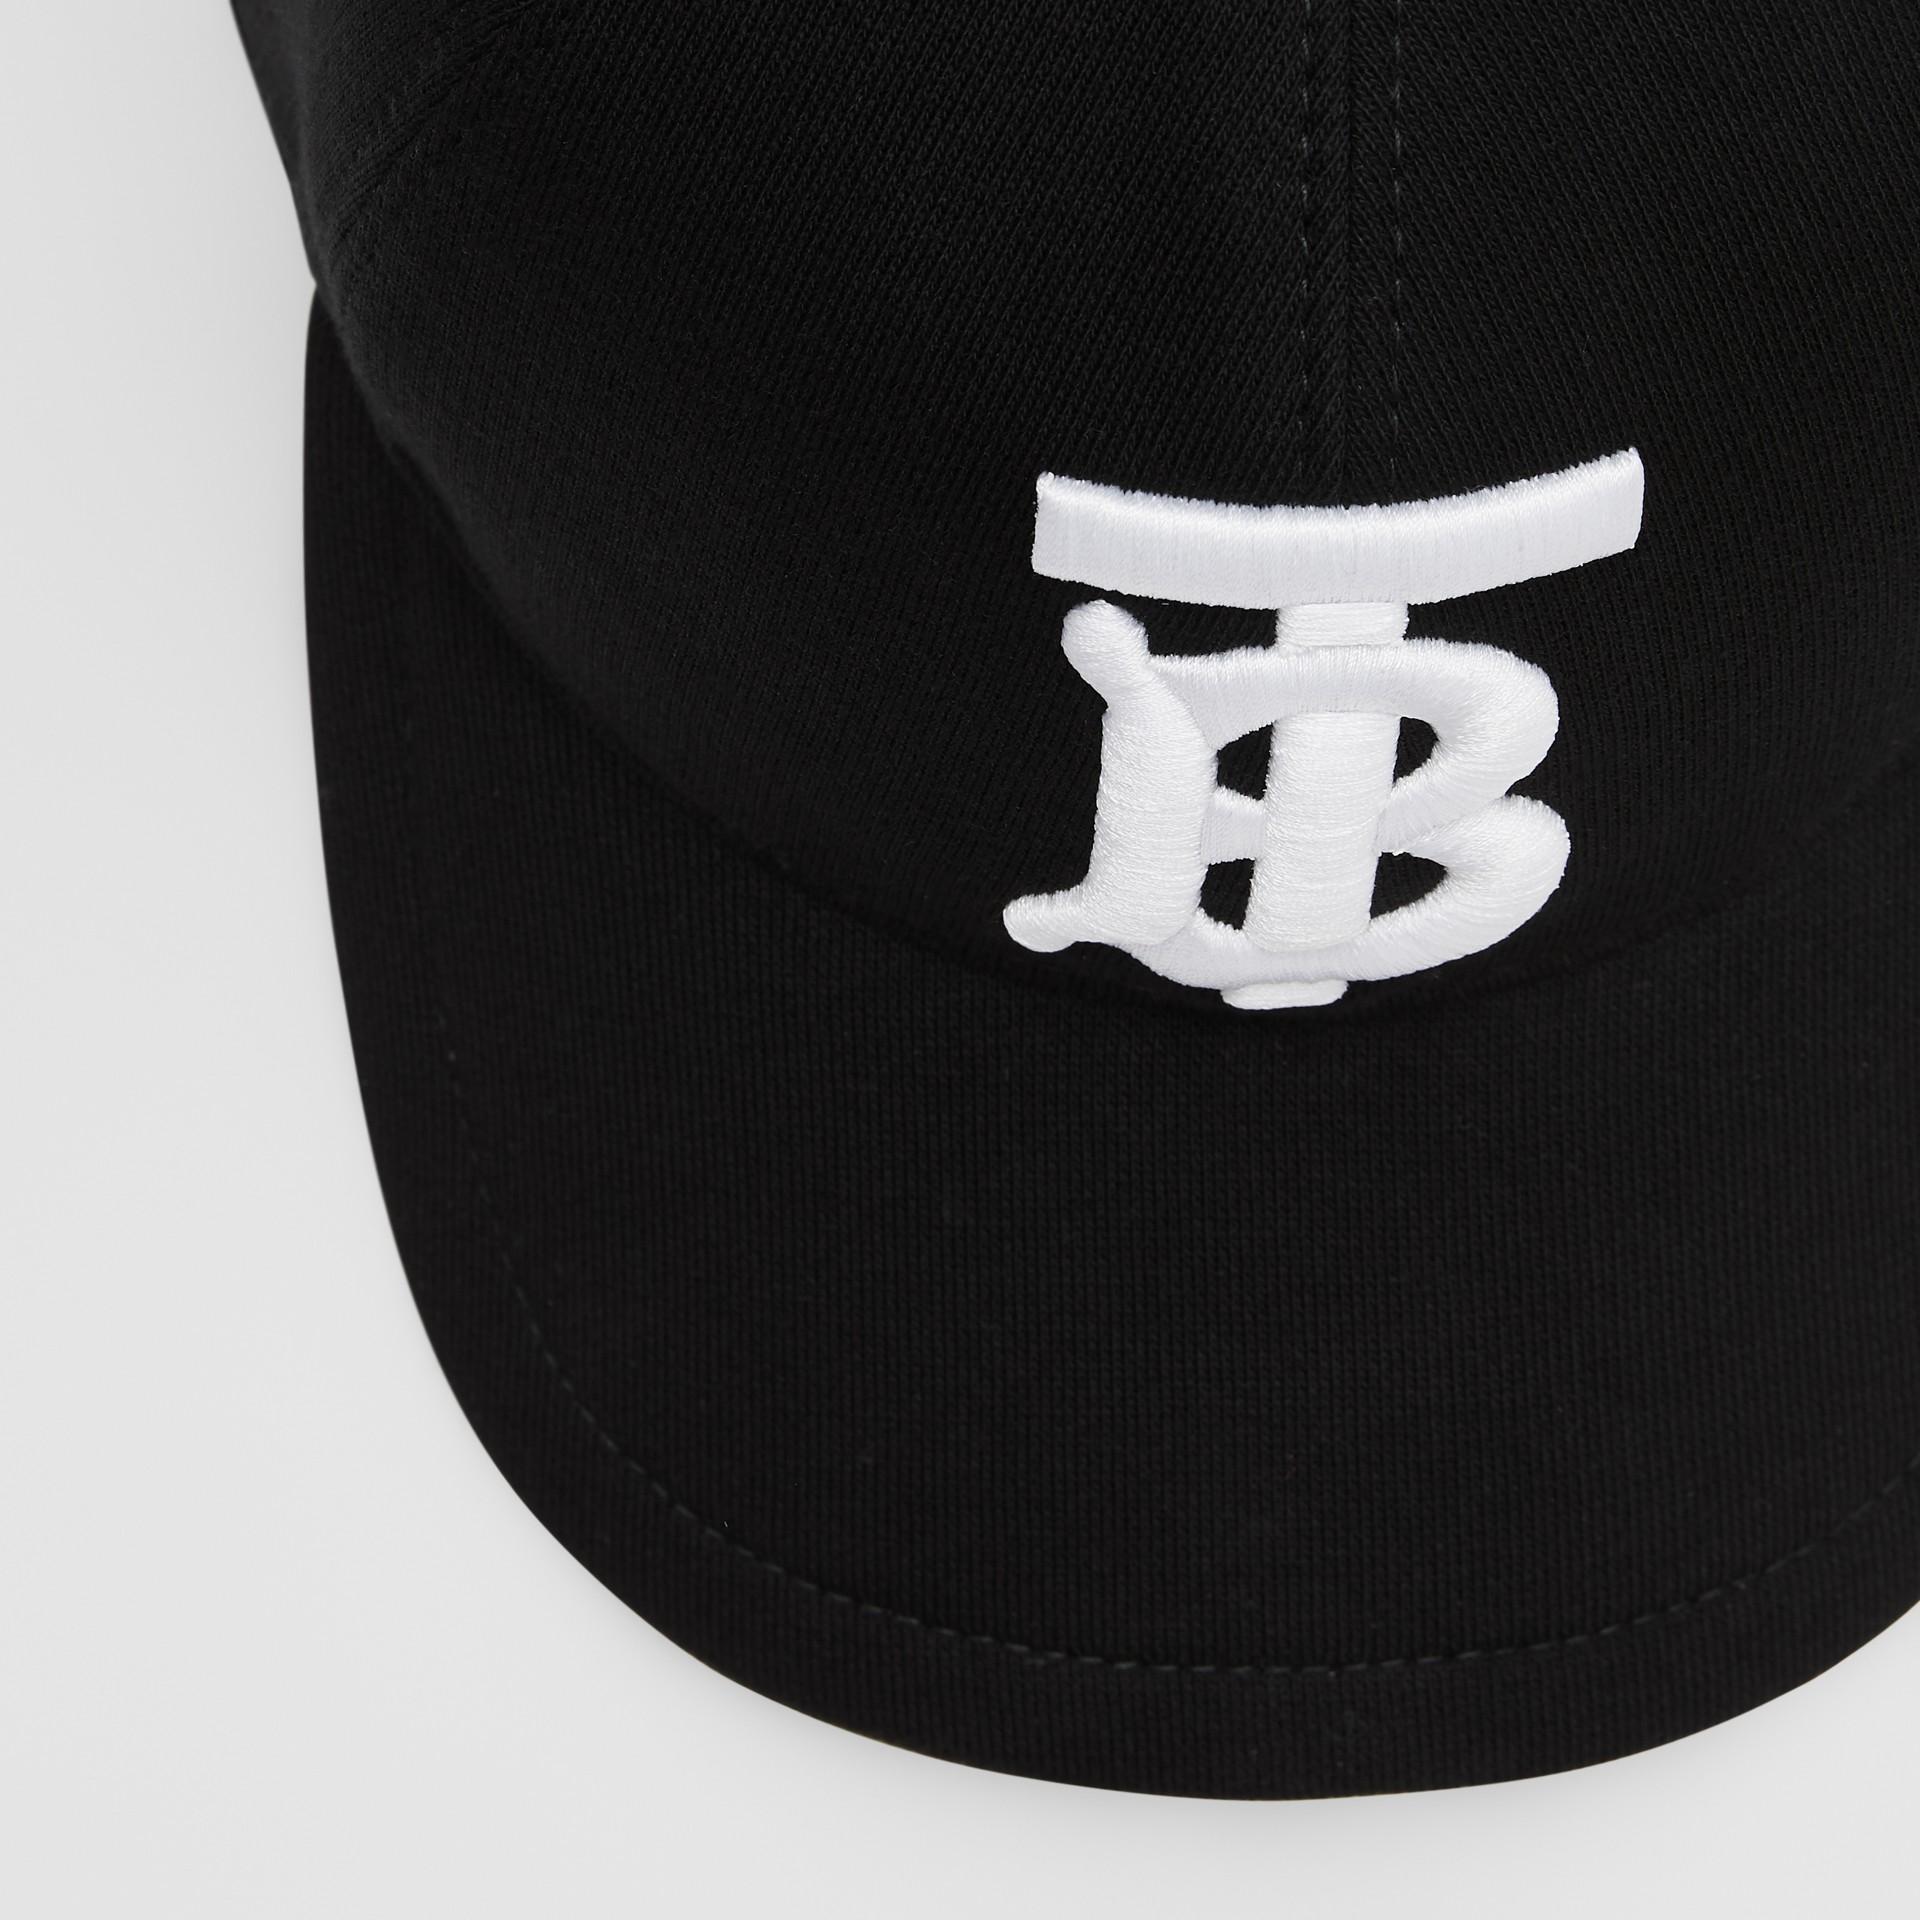 Monogram Motif Baseball Cap in Black | Burberry - gallery image 1